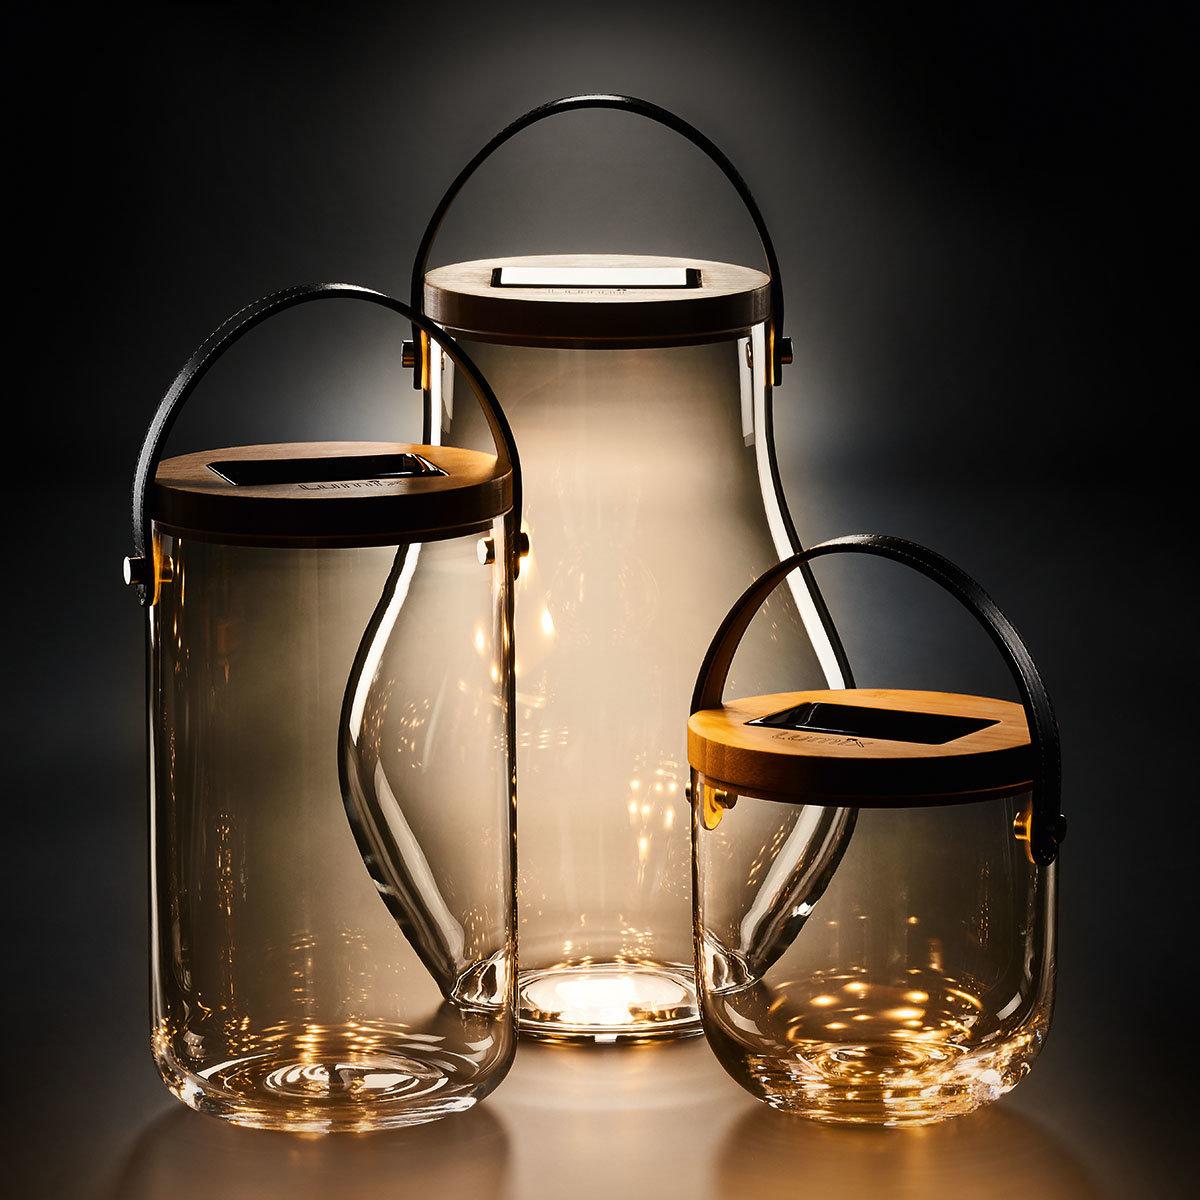 Deko Glas Bold, 31 cm, Glas, Bambus, klar | #4